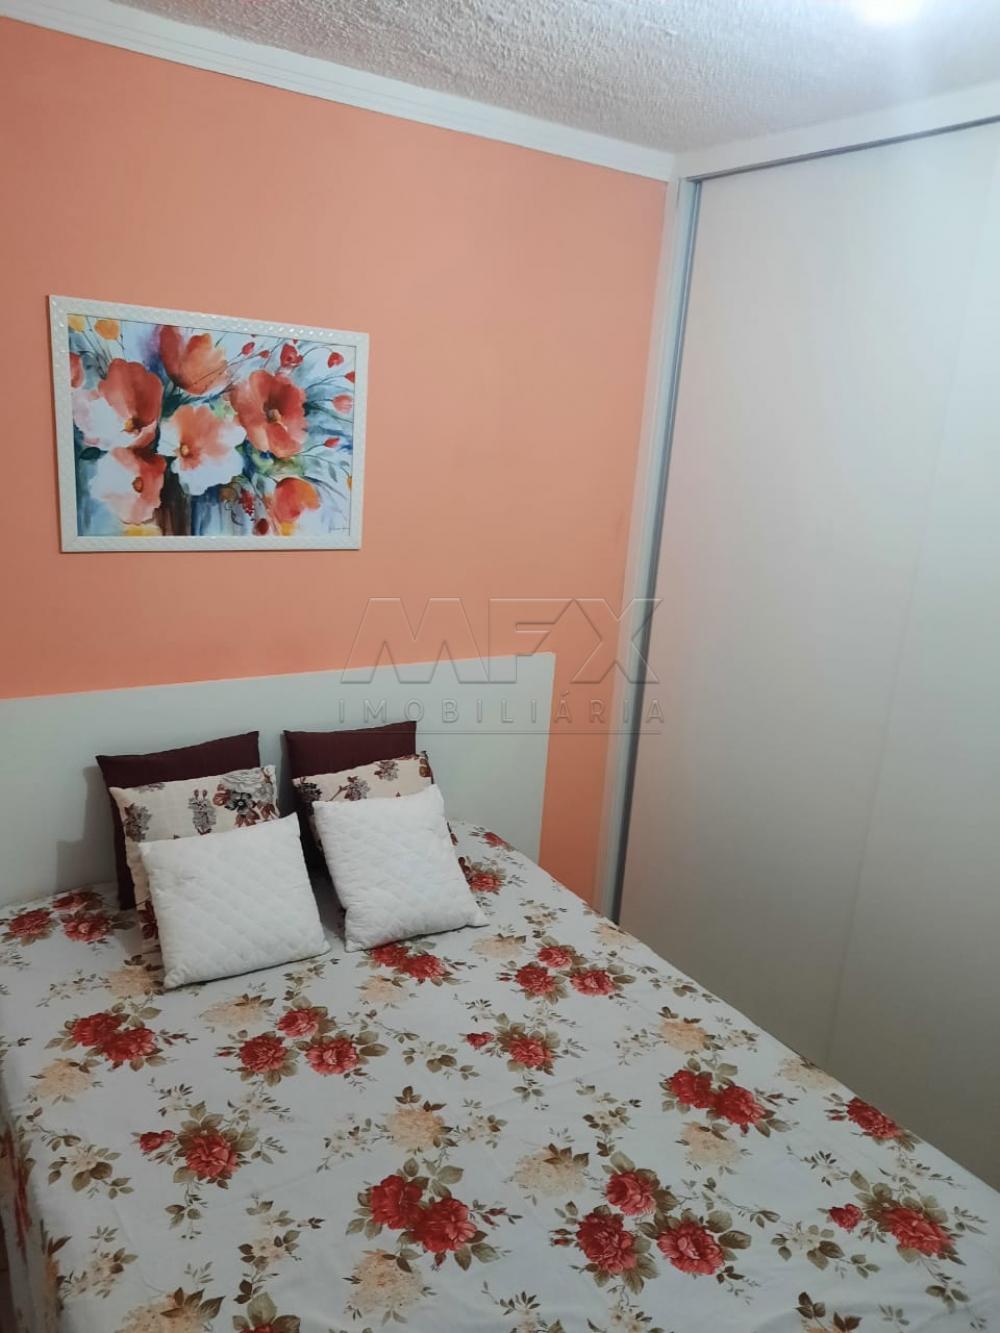 Comprar Apartamento / Padrão em Bauru R$ 180.000,00 - Foto 7